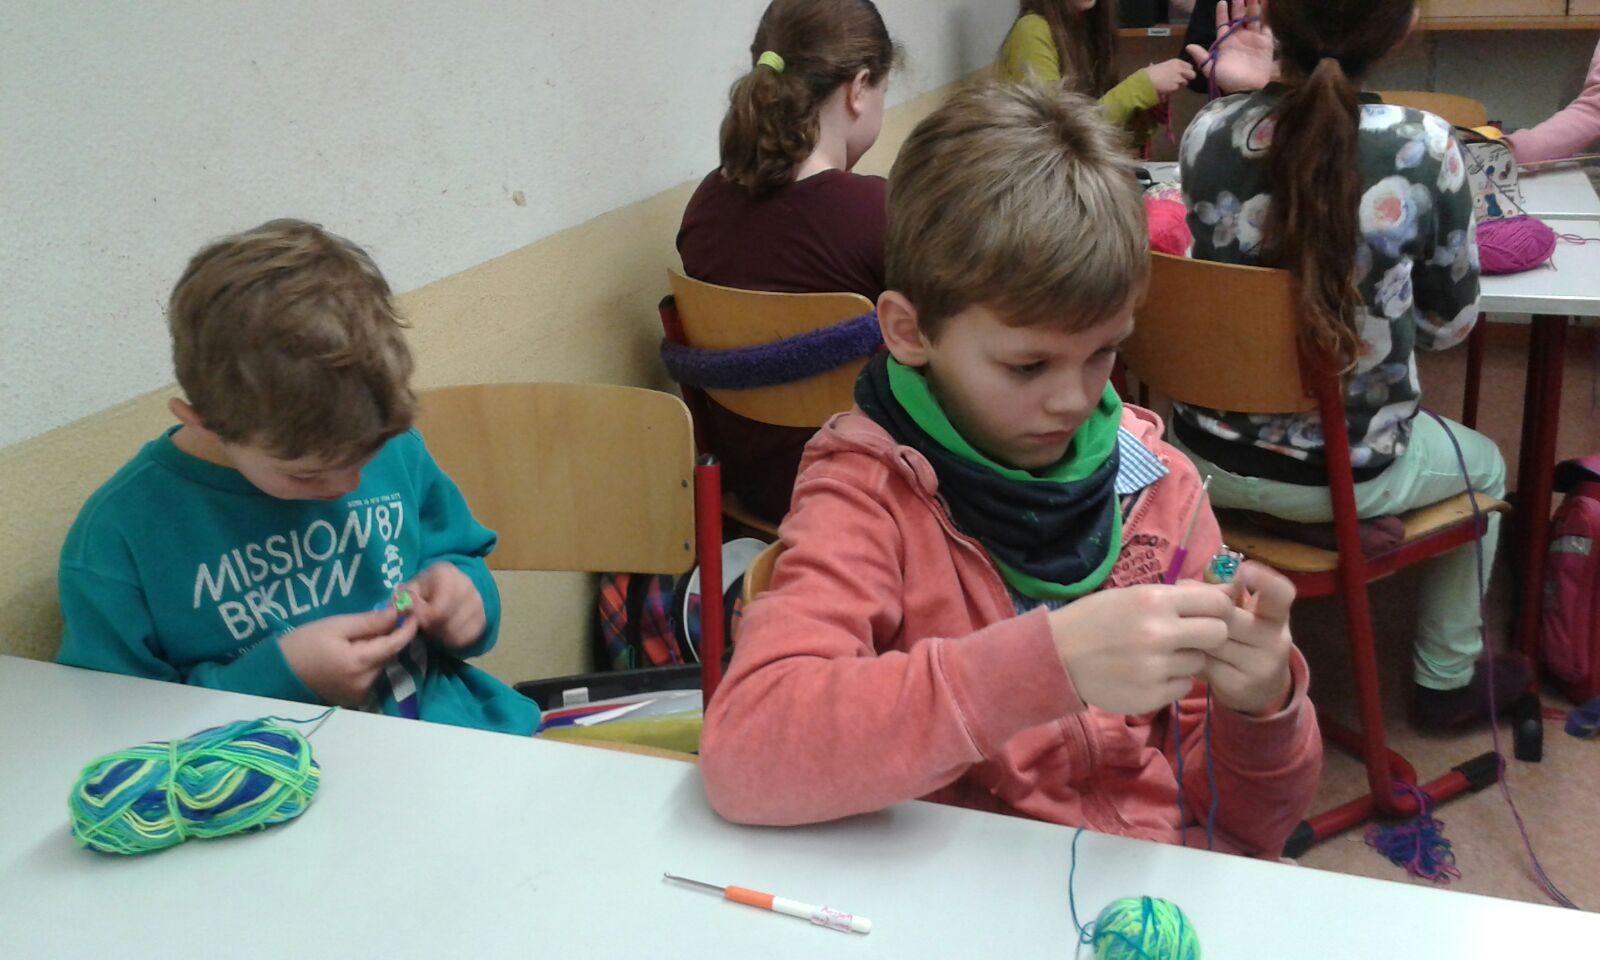 Kunstunterricht Der Besonderen Art Die Klasse 4b übt Sich Im